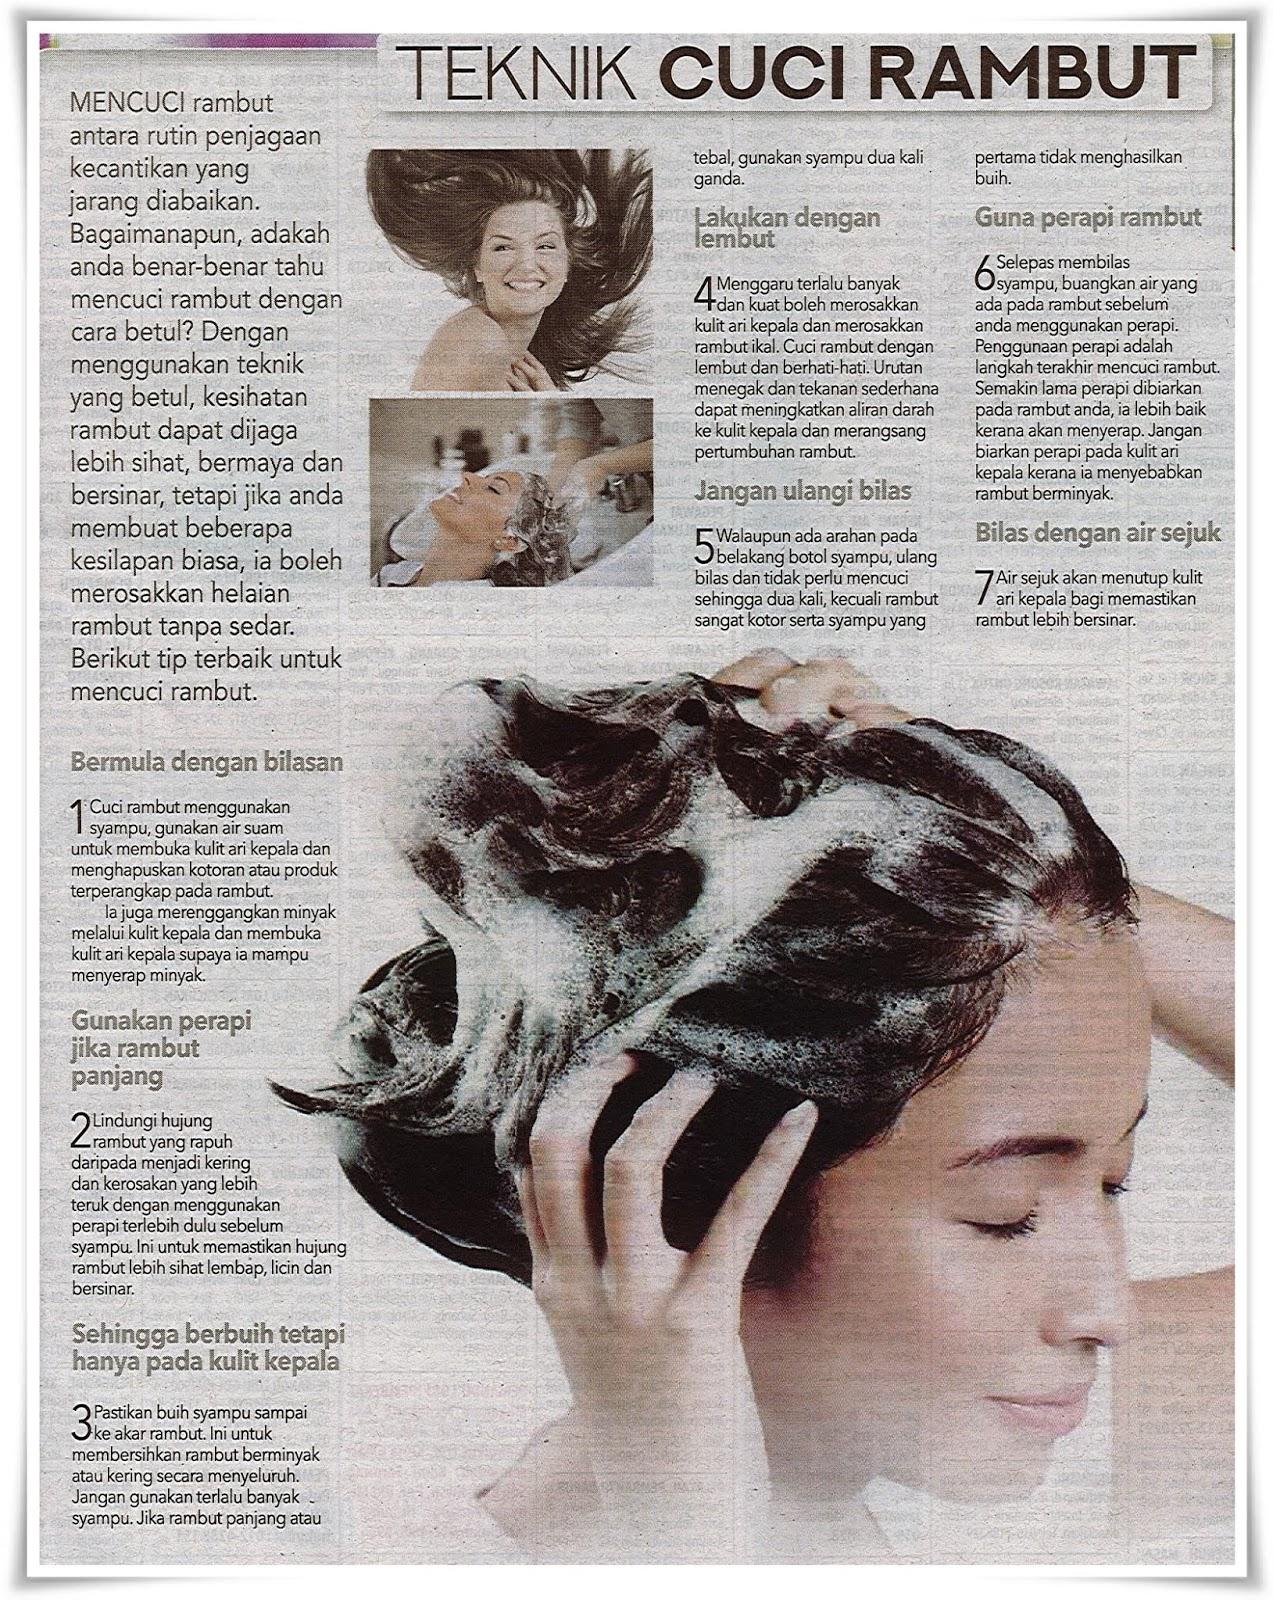 Teknik cuci rambut